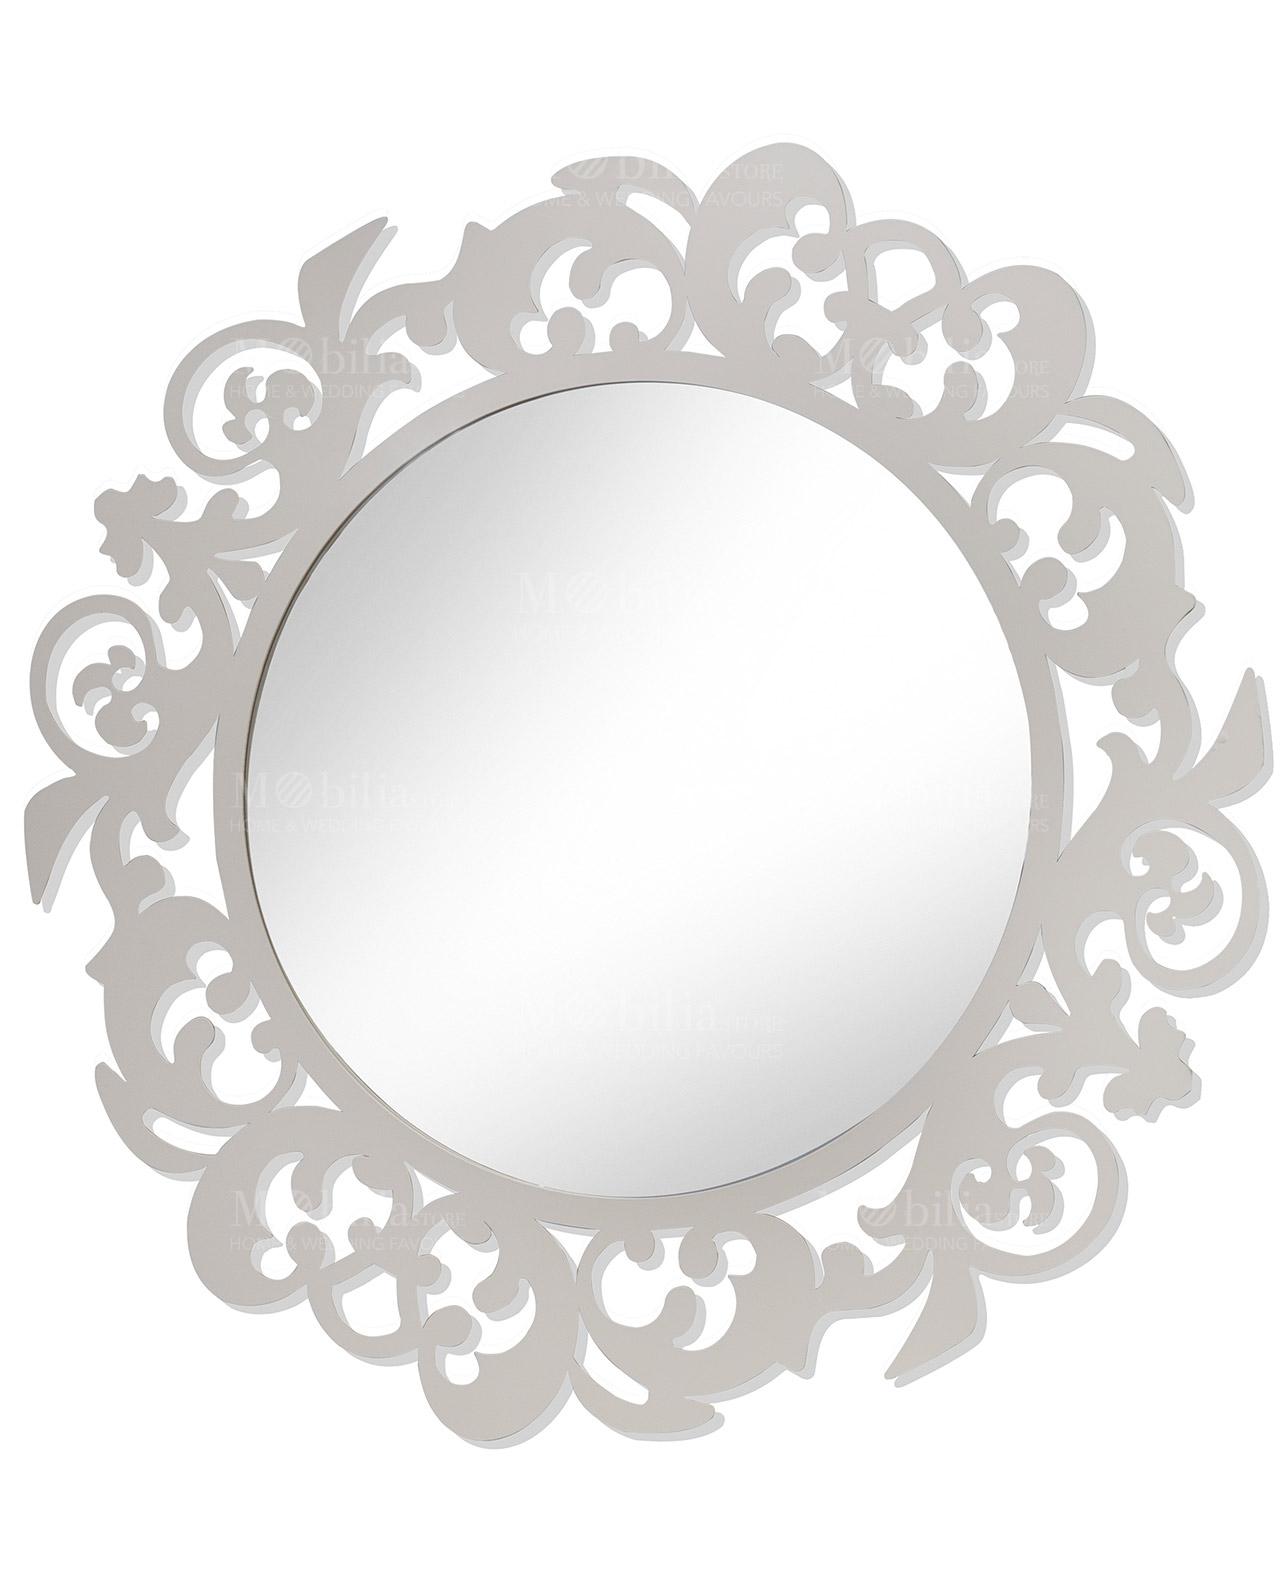 specchio rotondo in metallo brandani mobilia store home On specchio da parete rotondo